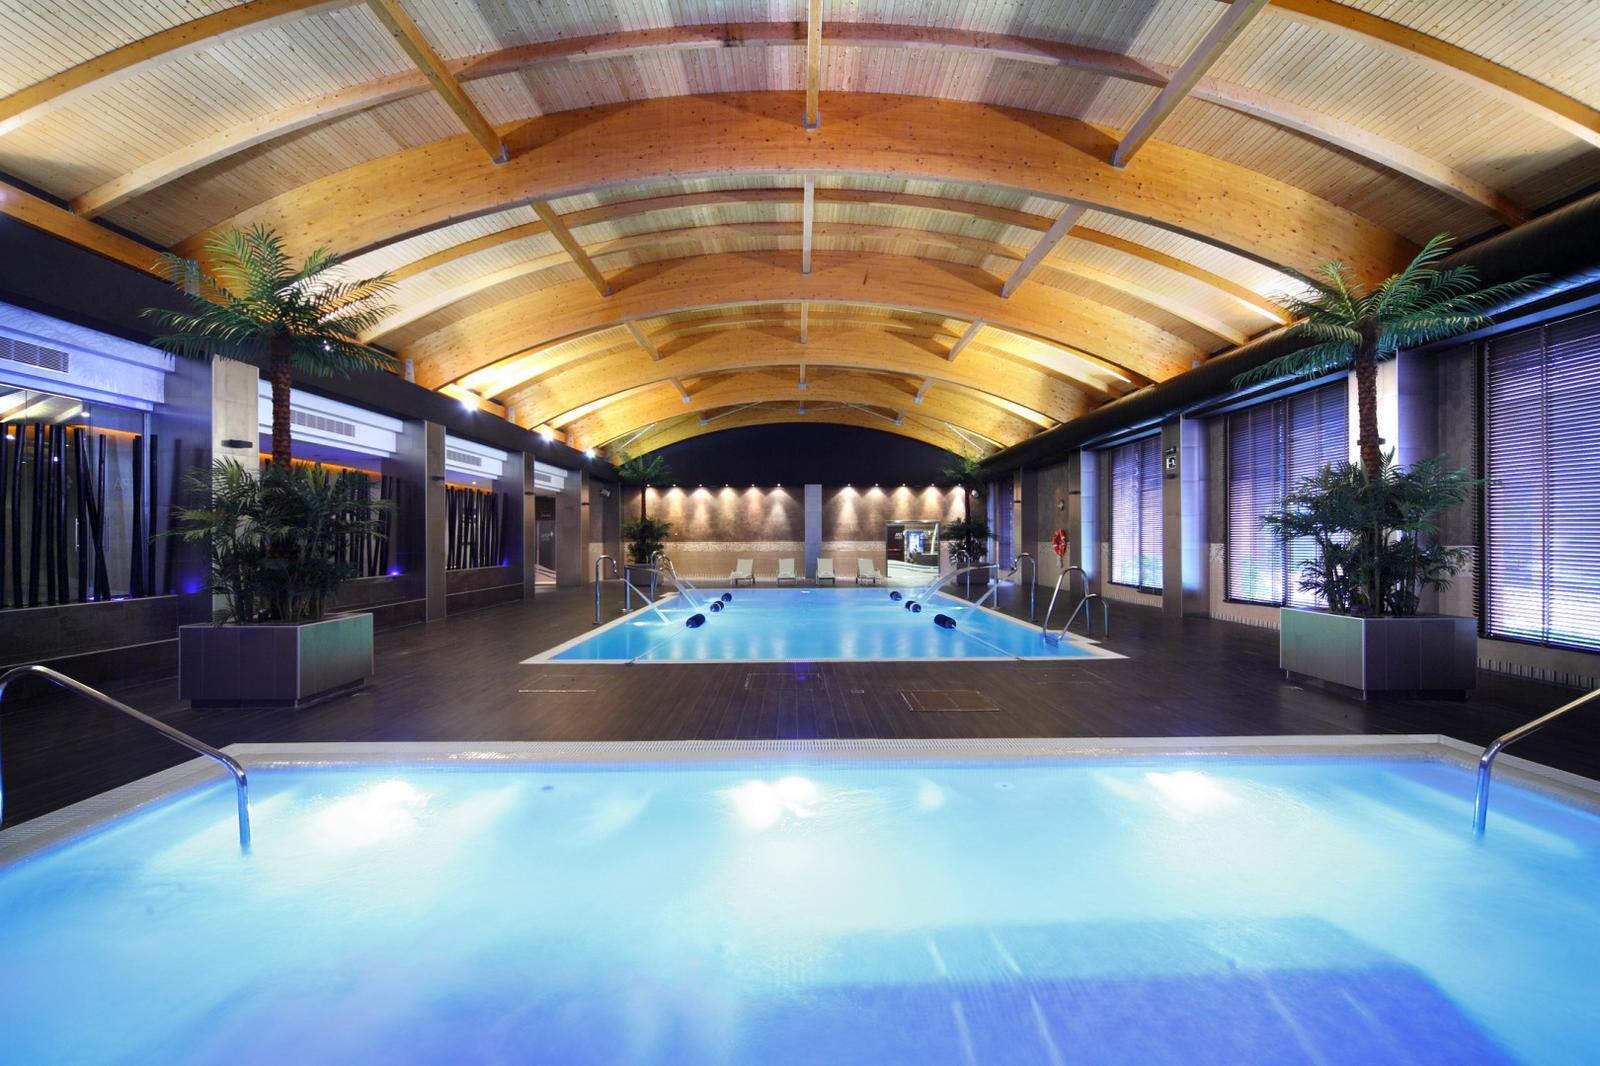 4 hoteles barcel con piscina indoor ideales para recibir for Hoteles con piscina climatizada en andalucia